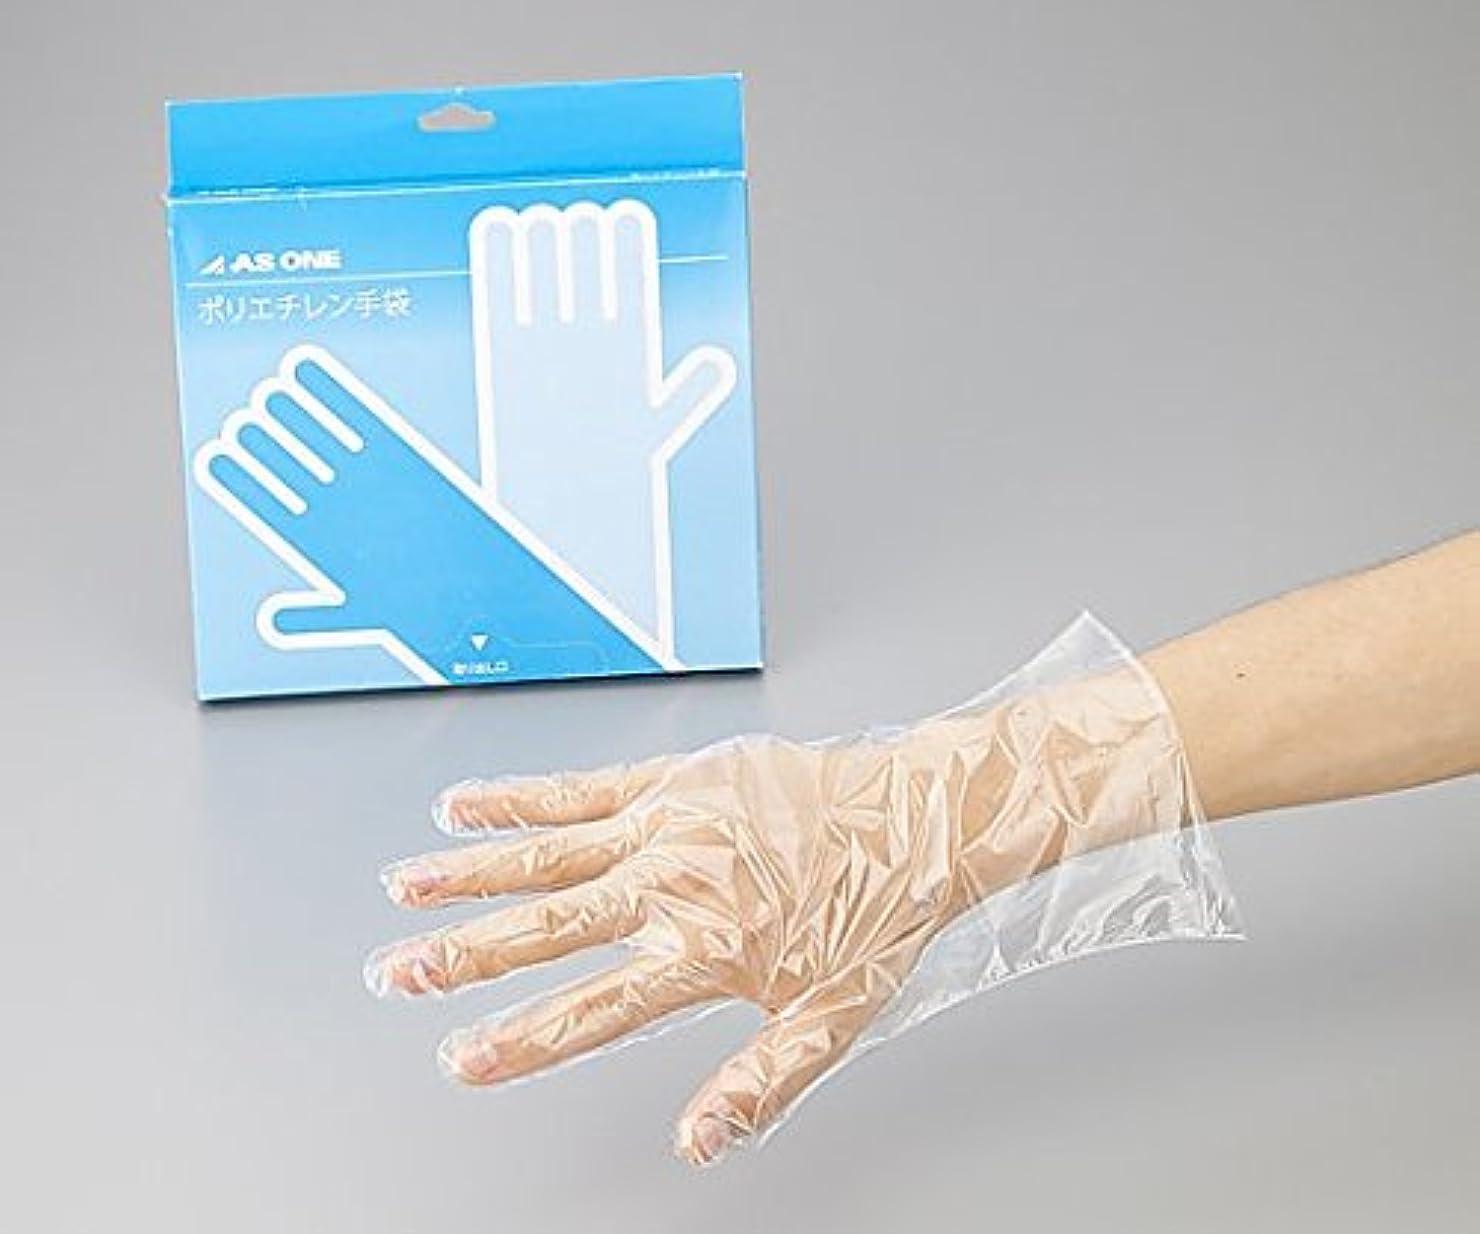 経済左医療のアズワン2-4972-01ポリエチレン手袋エコノミー薄手L100枚入